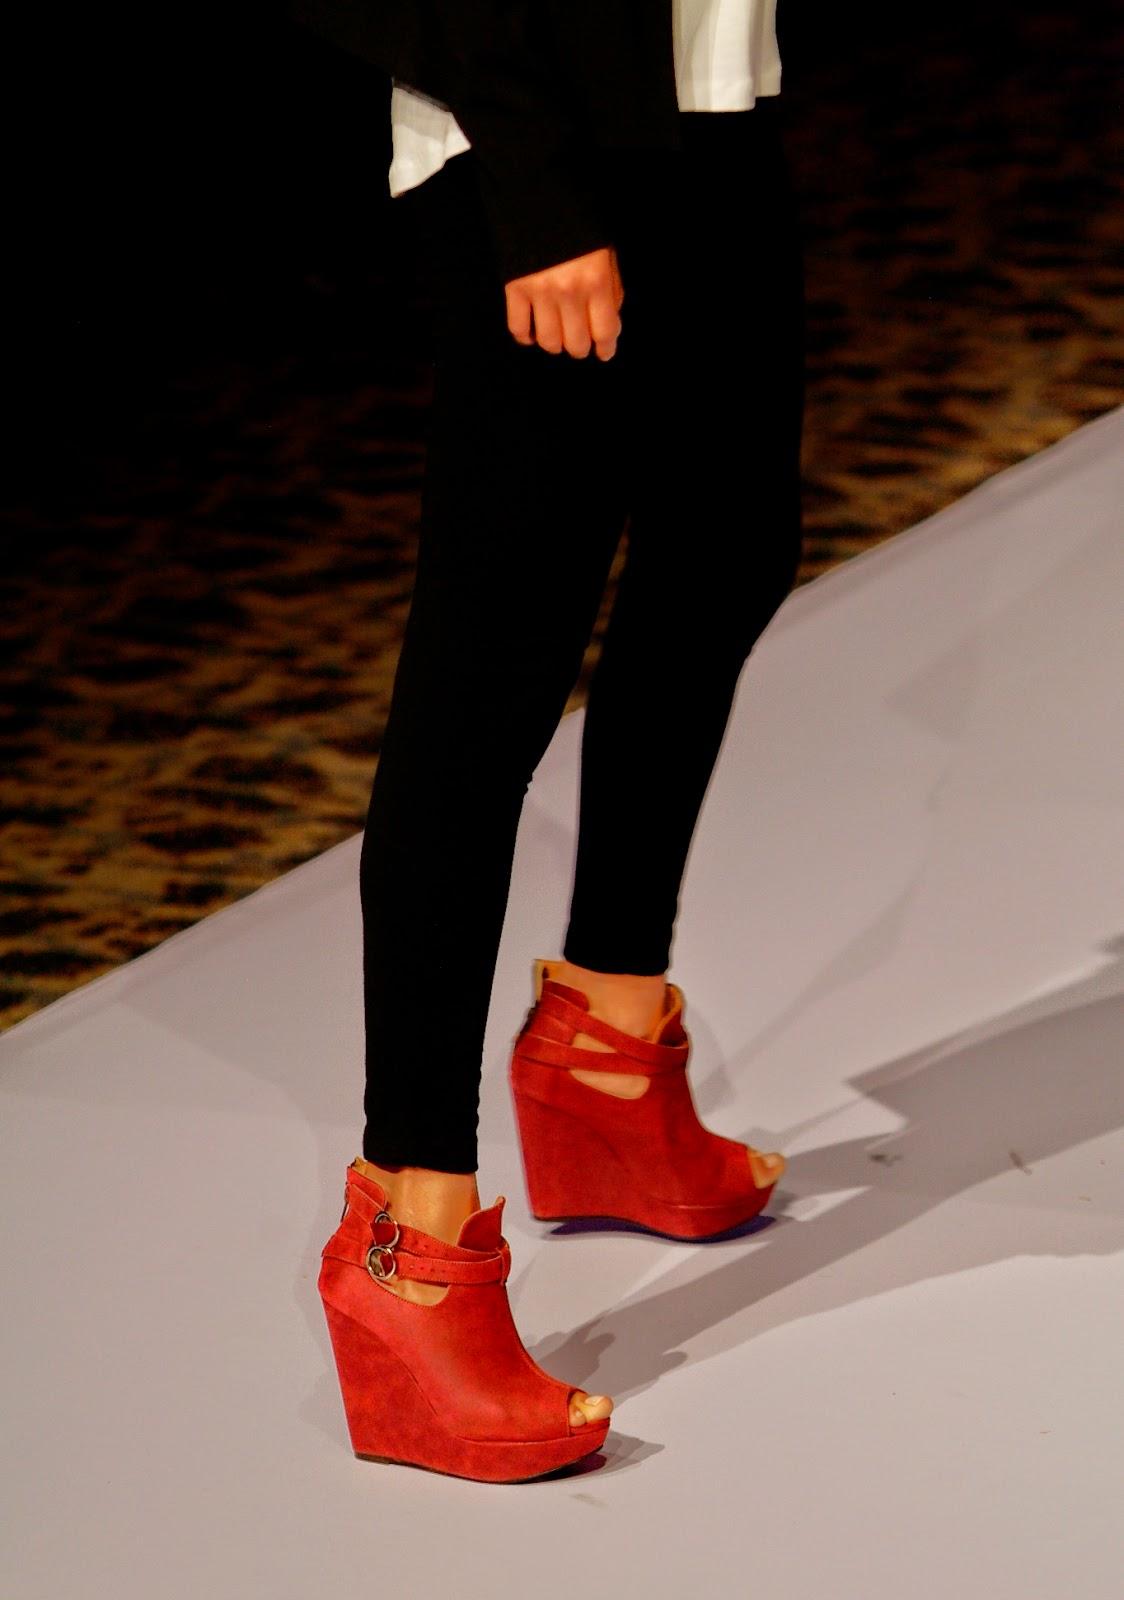 imagenes de zapatillas de marca para mujer - imagenes de zapatillas | Zapatillas de deporte de mujer La nueva colección en